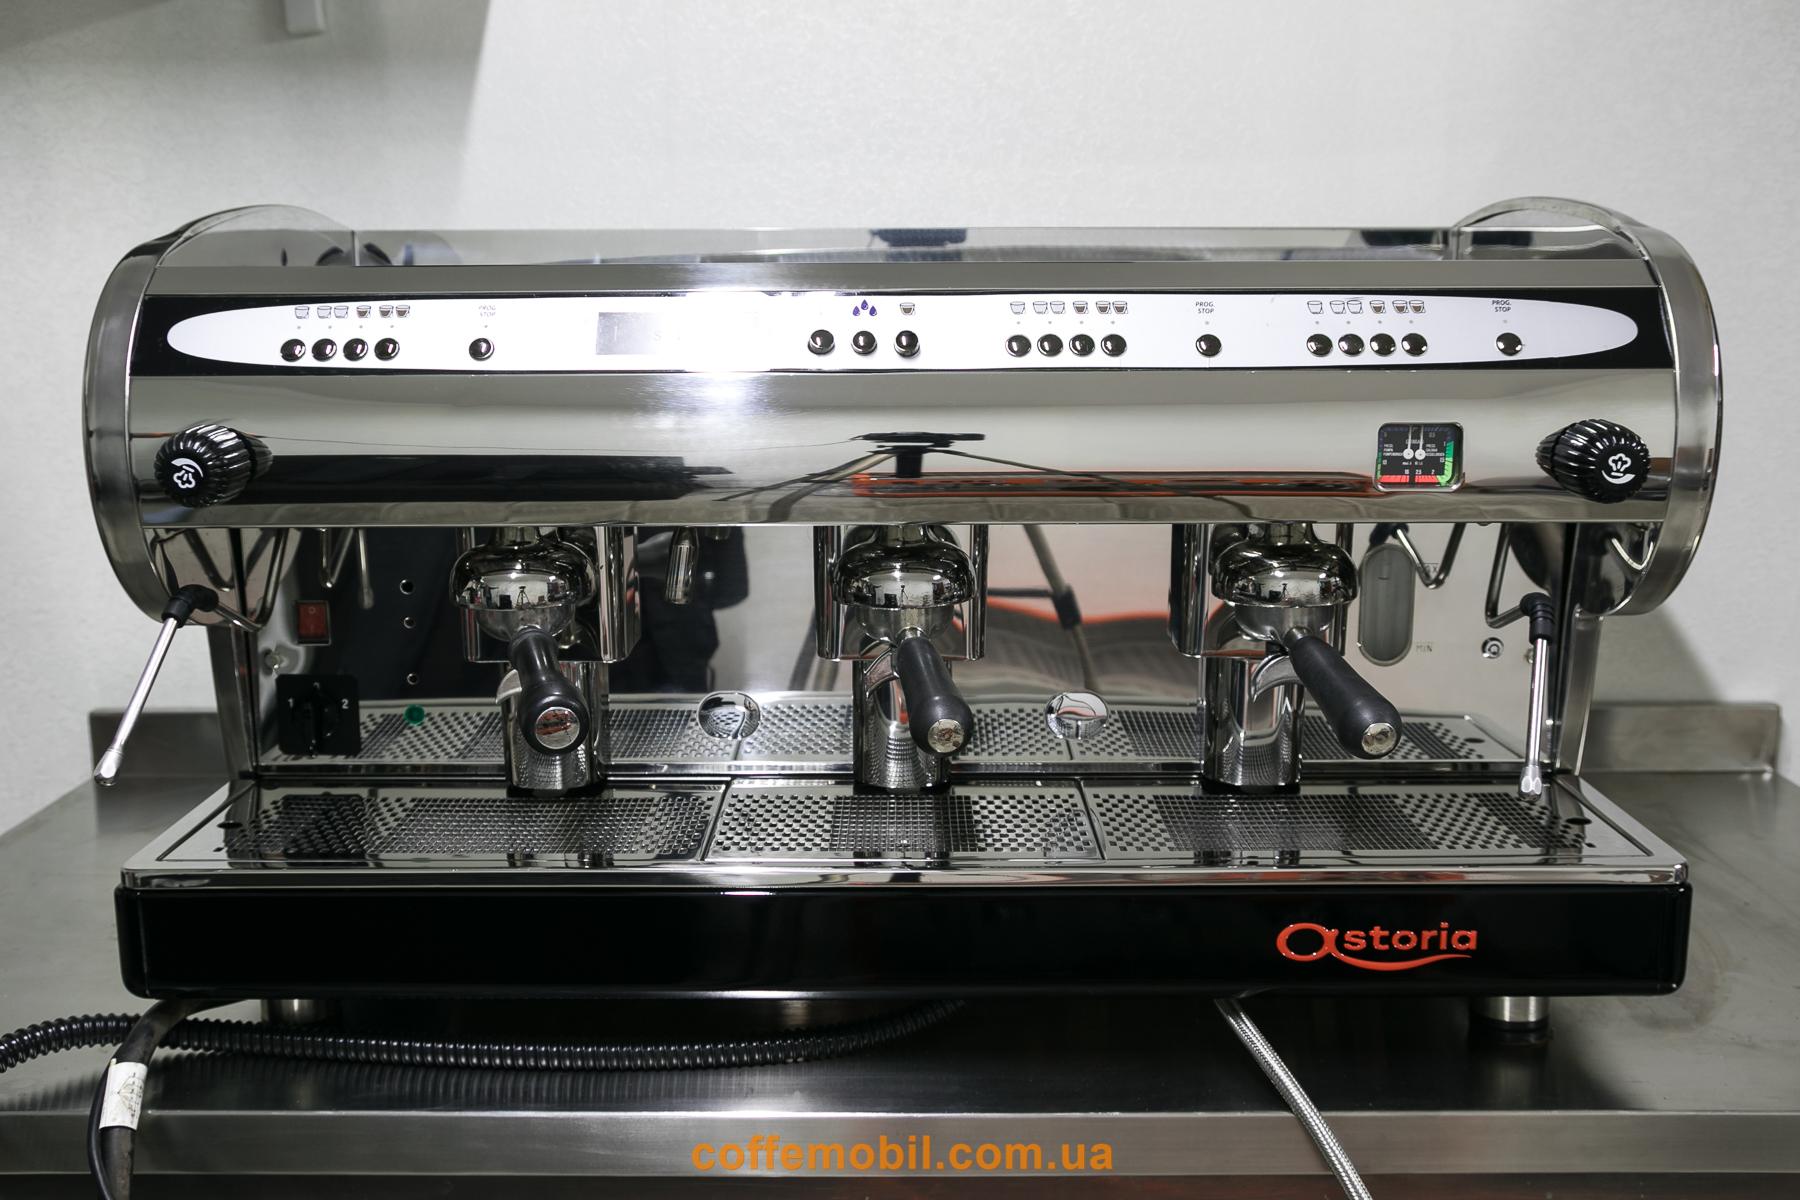 Профессиональная кофеварка Астория Лиза